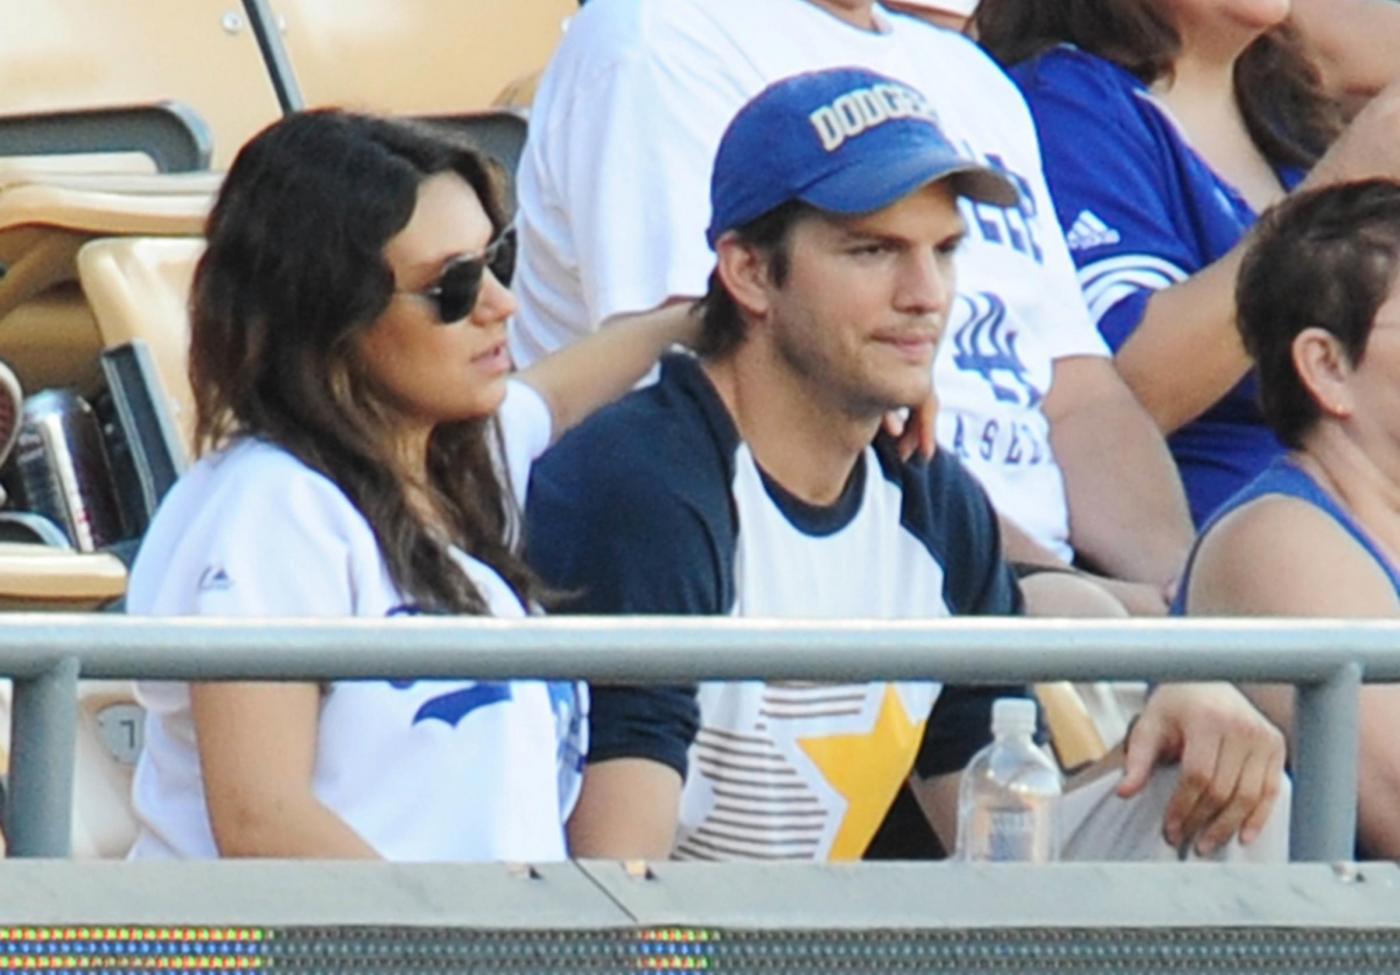 Mila Kunis col pancione alla partita: baci e coccole al compagno Ashton Kutcher09